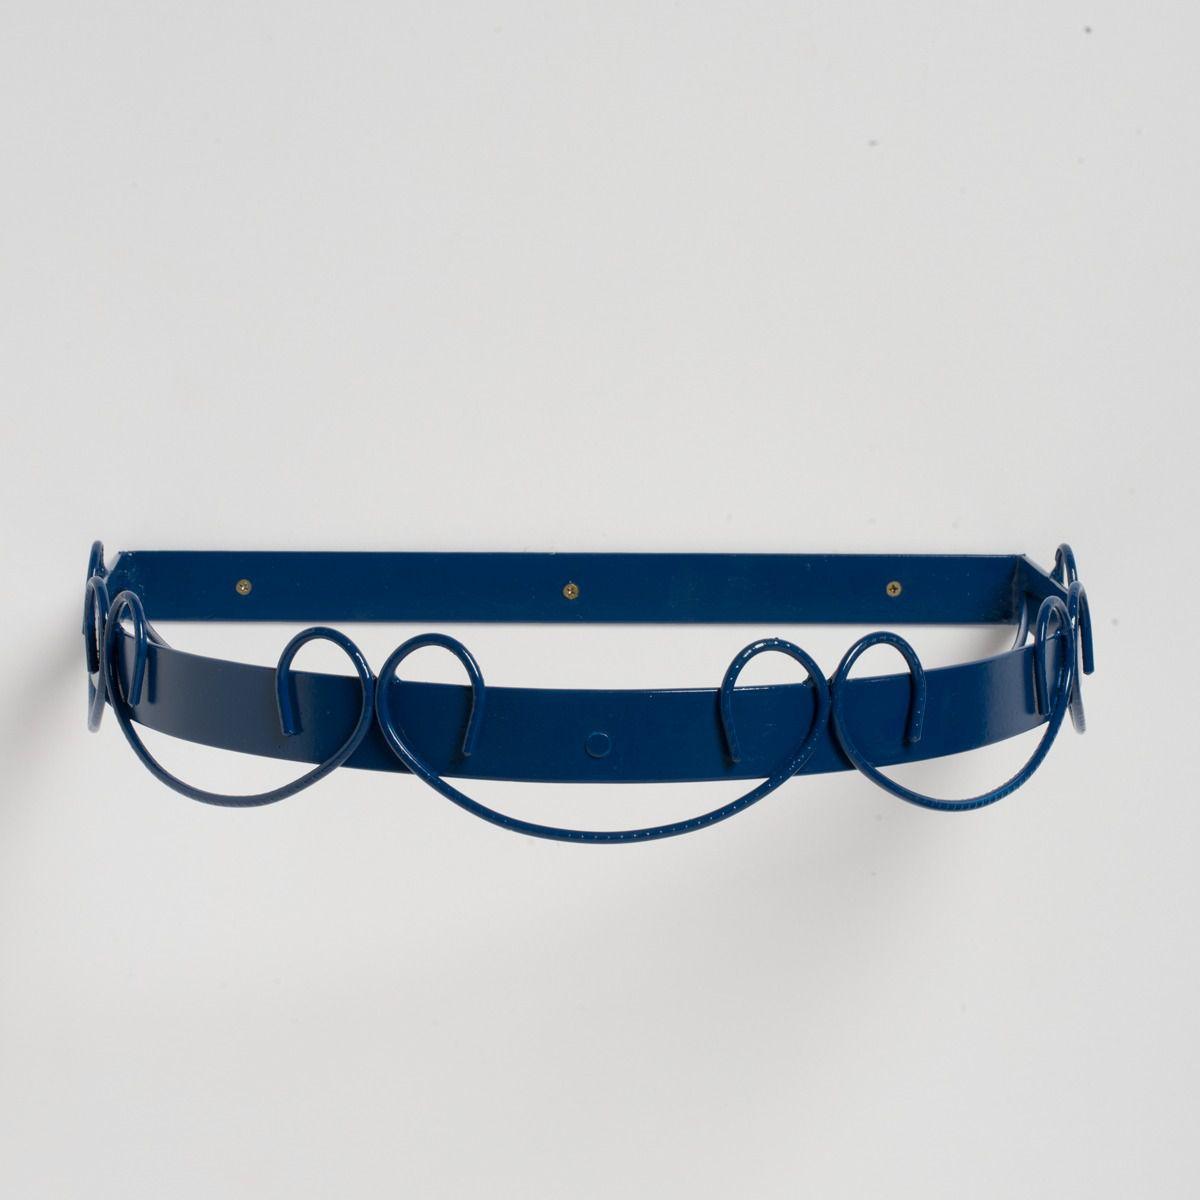 Dossel Arabesco Azul Marinho com Mosquiteiro de Voil Branco